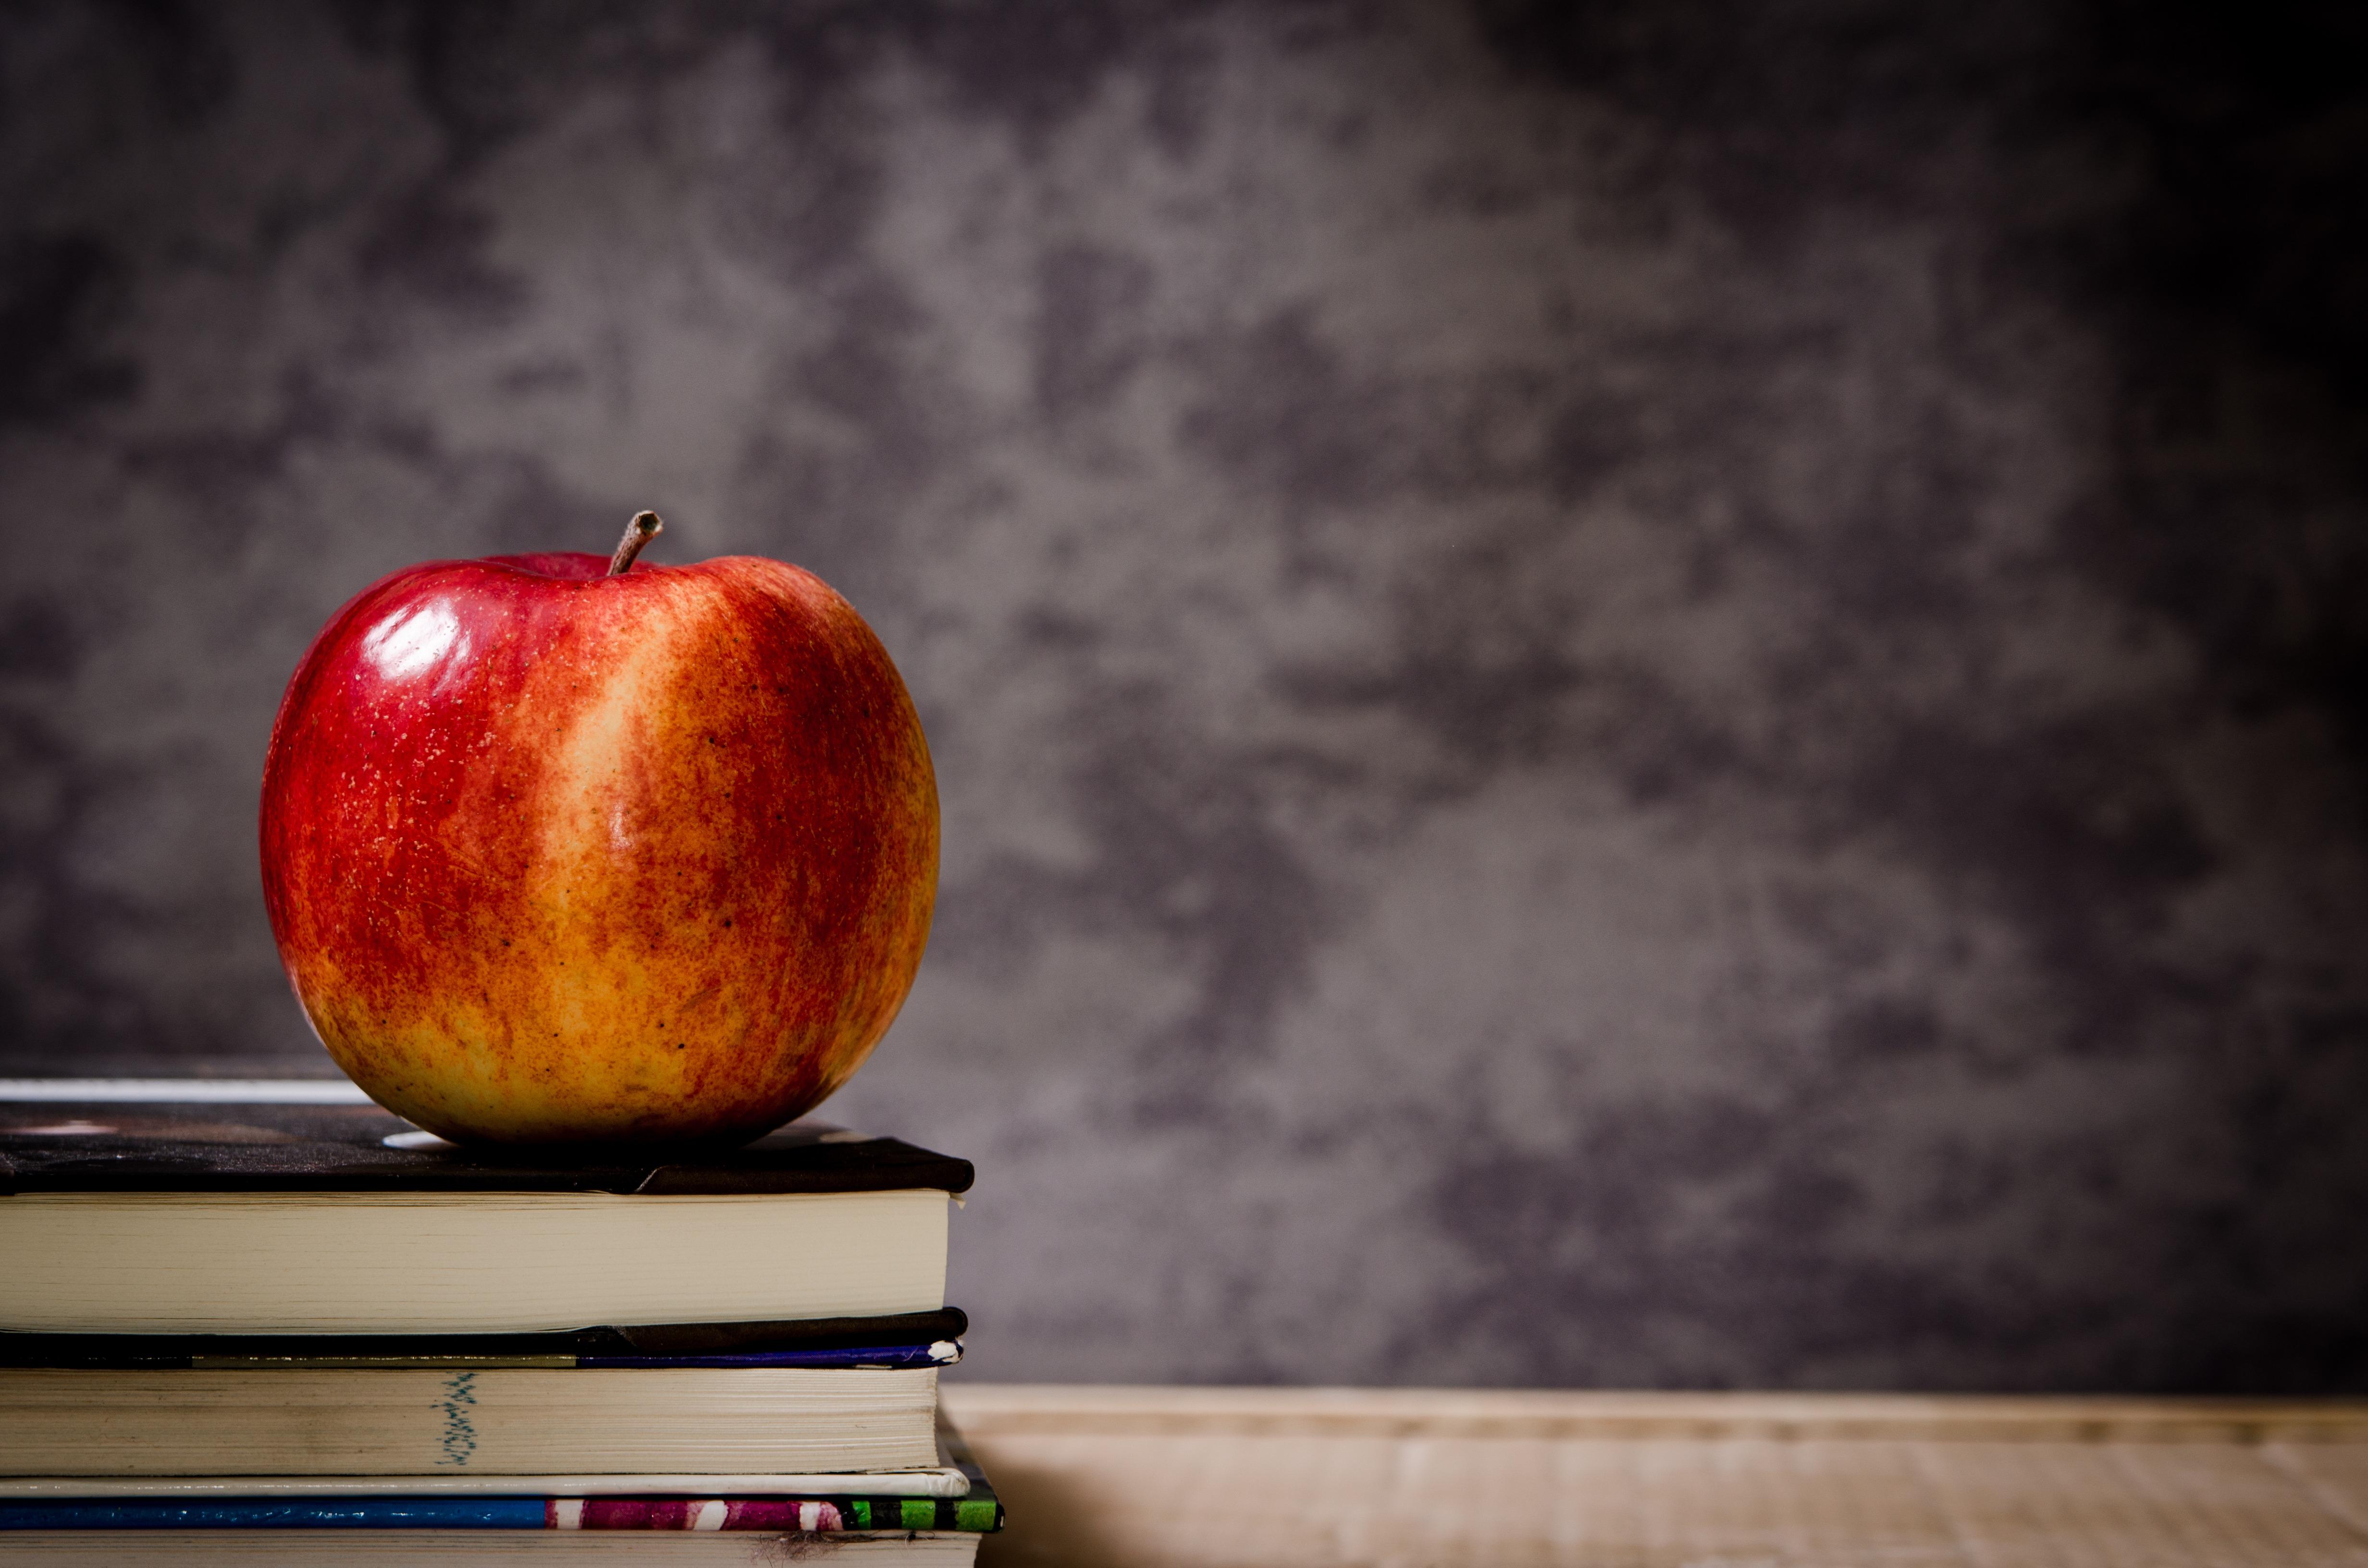 Fotoğraf Elma Kitap Meyve Sabah çiçek Gıda Kırmızı üretmek